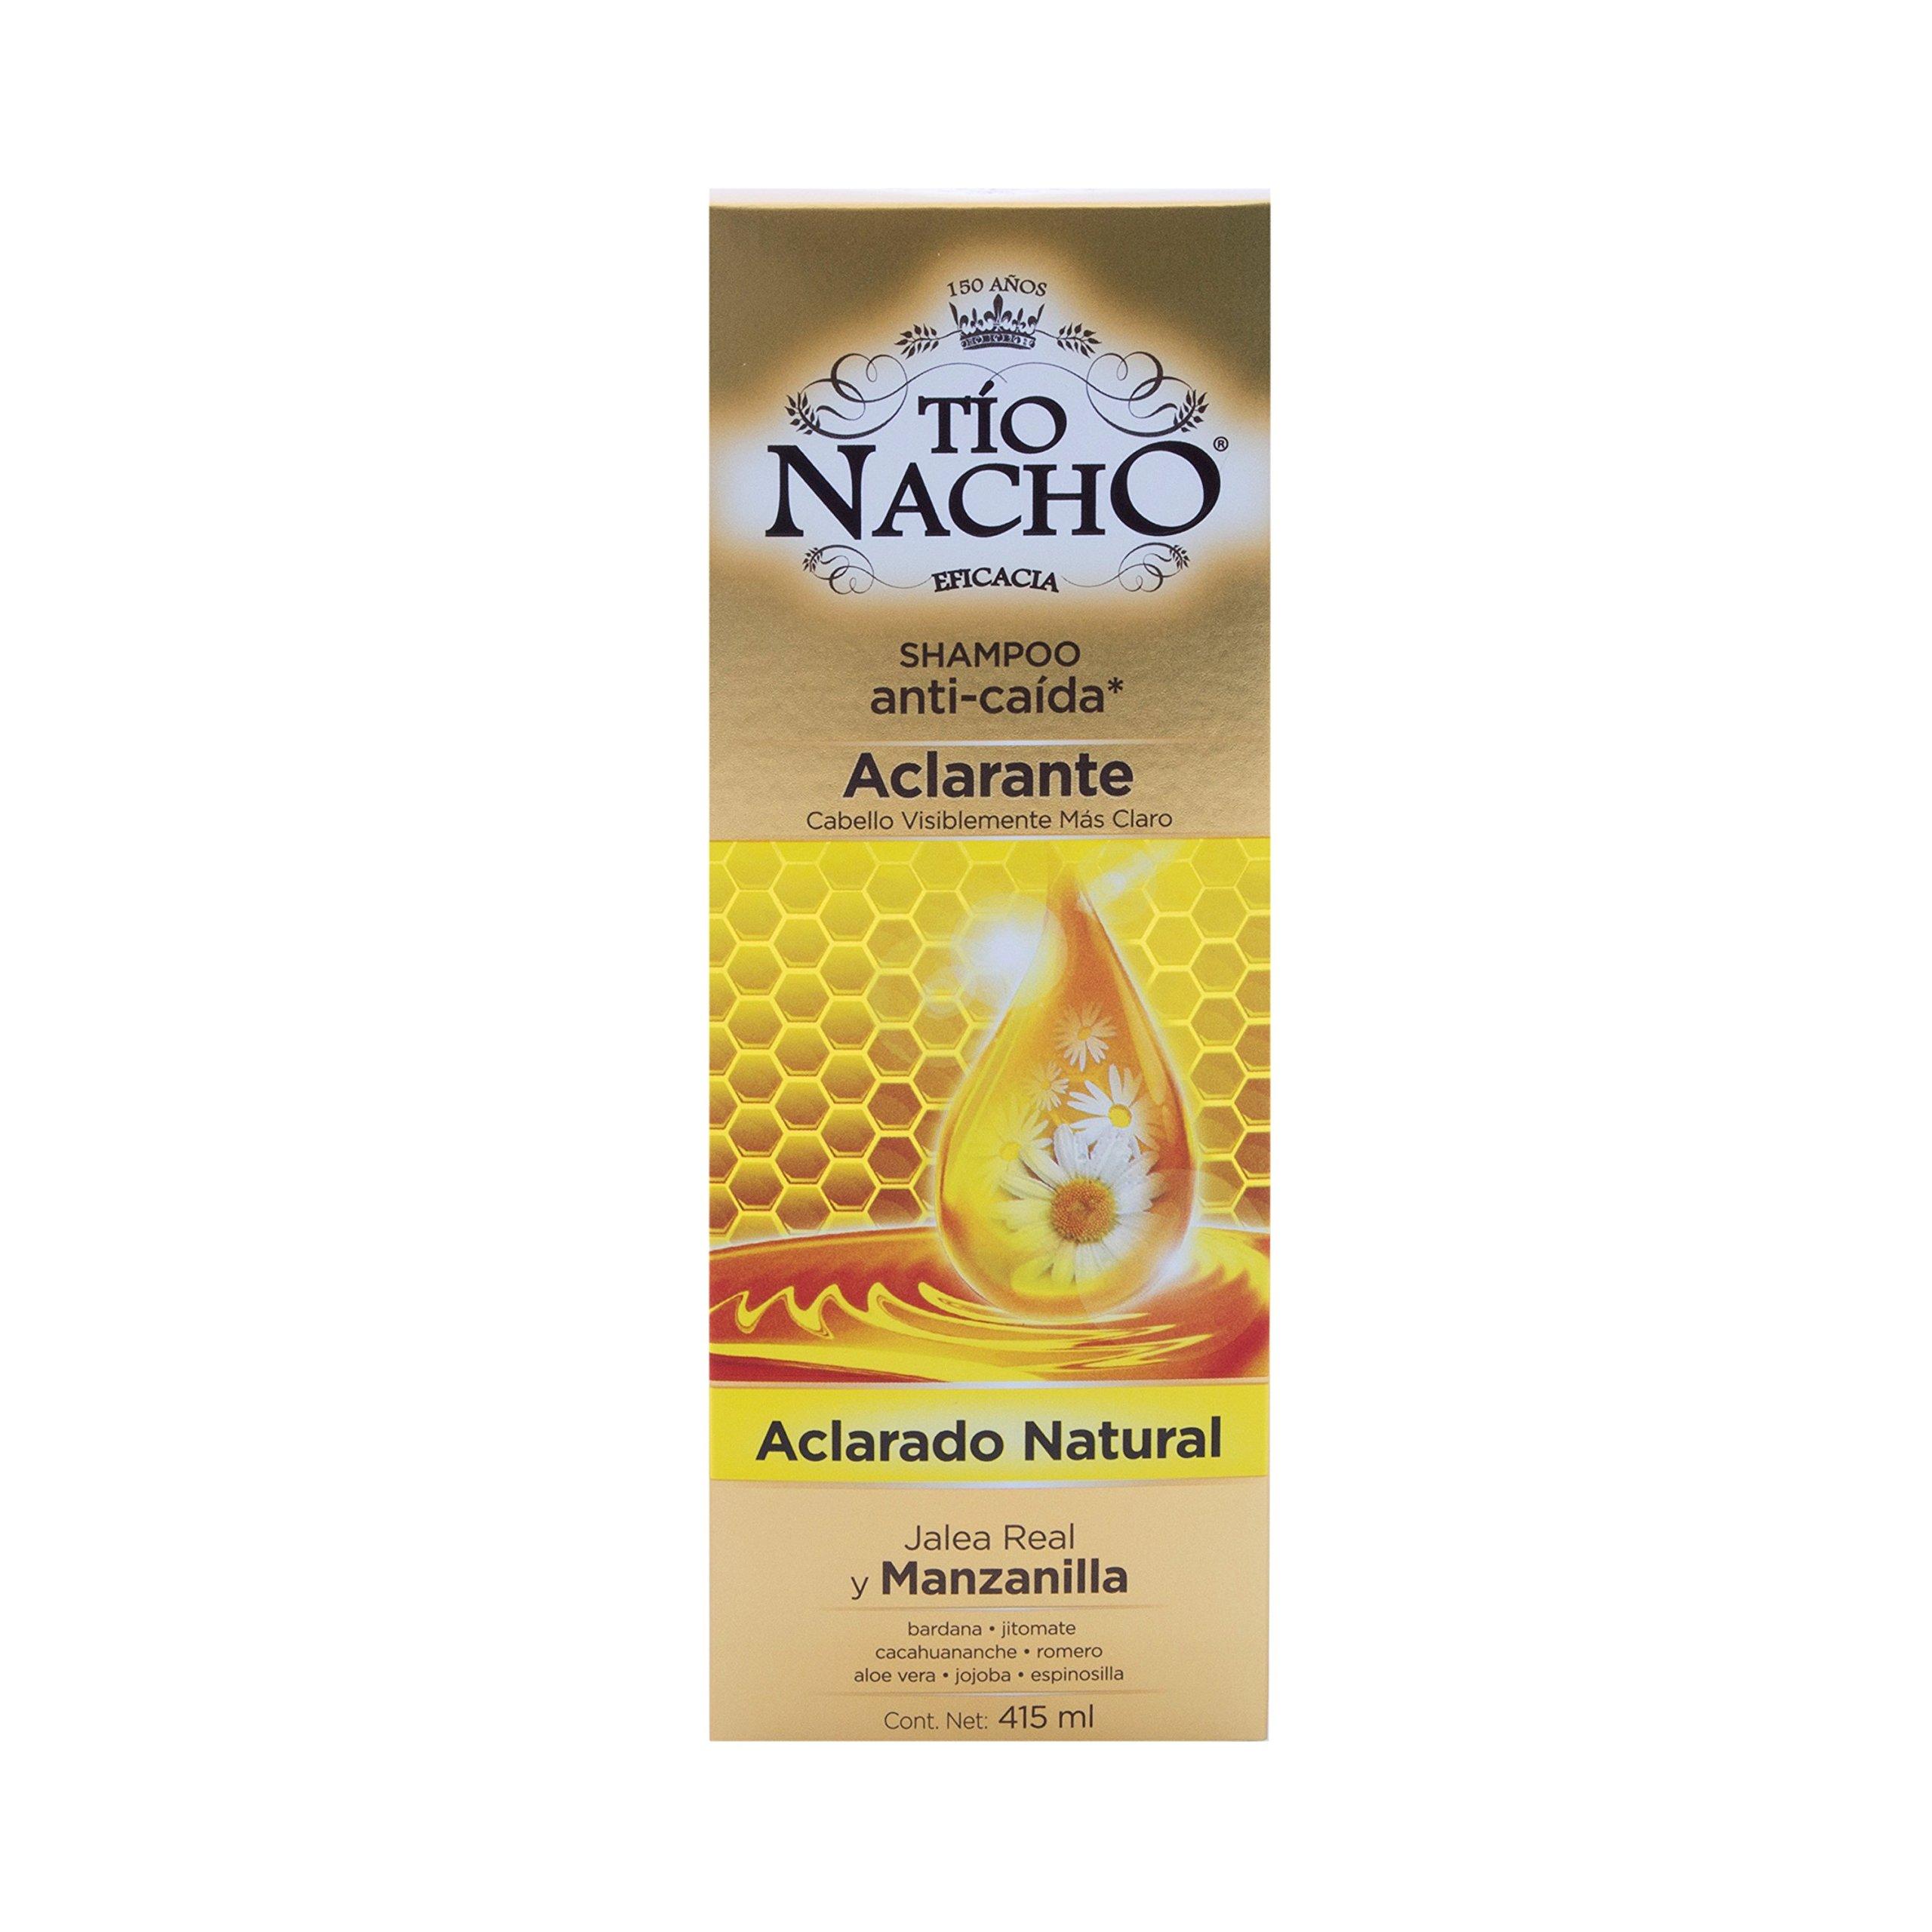 Tio Nacho Anti-Caida y Aclarante Chamomile Shampoo by Genomma Lab